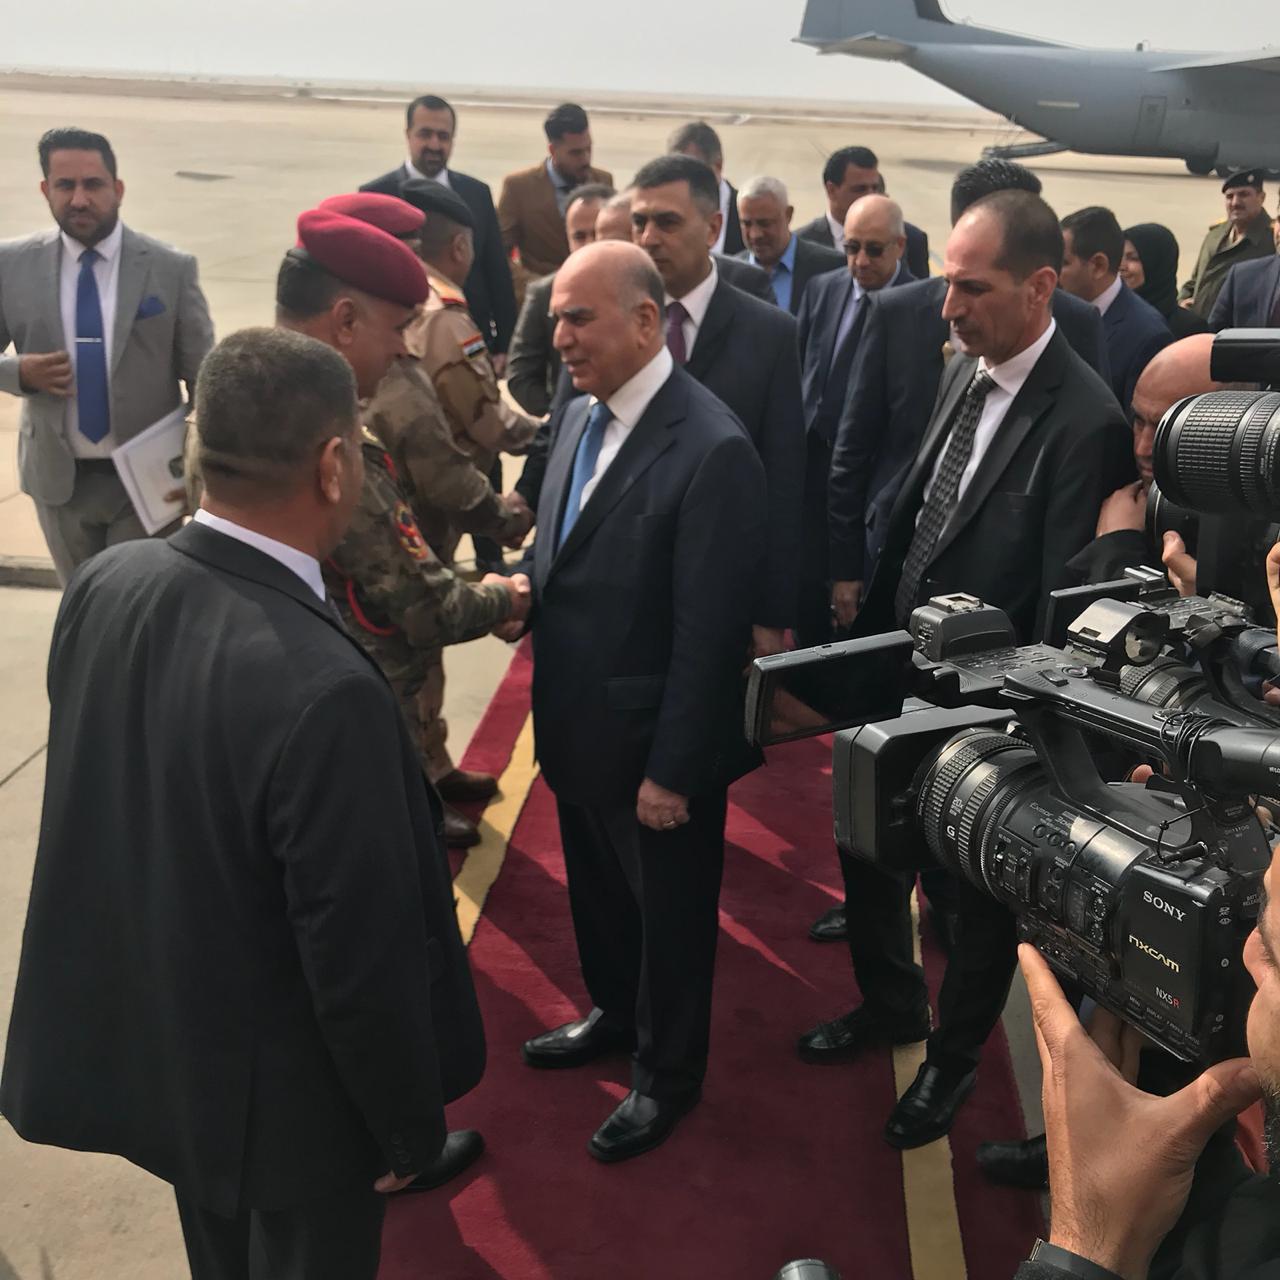 برفقة وفد حكومي رفيع المستوى.. وزير المالية يصل الى البصرة